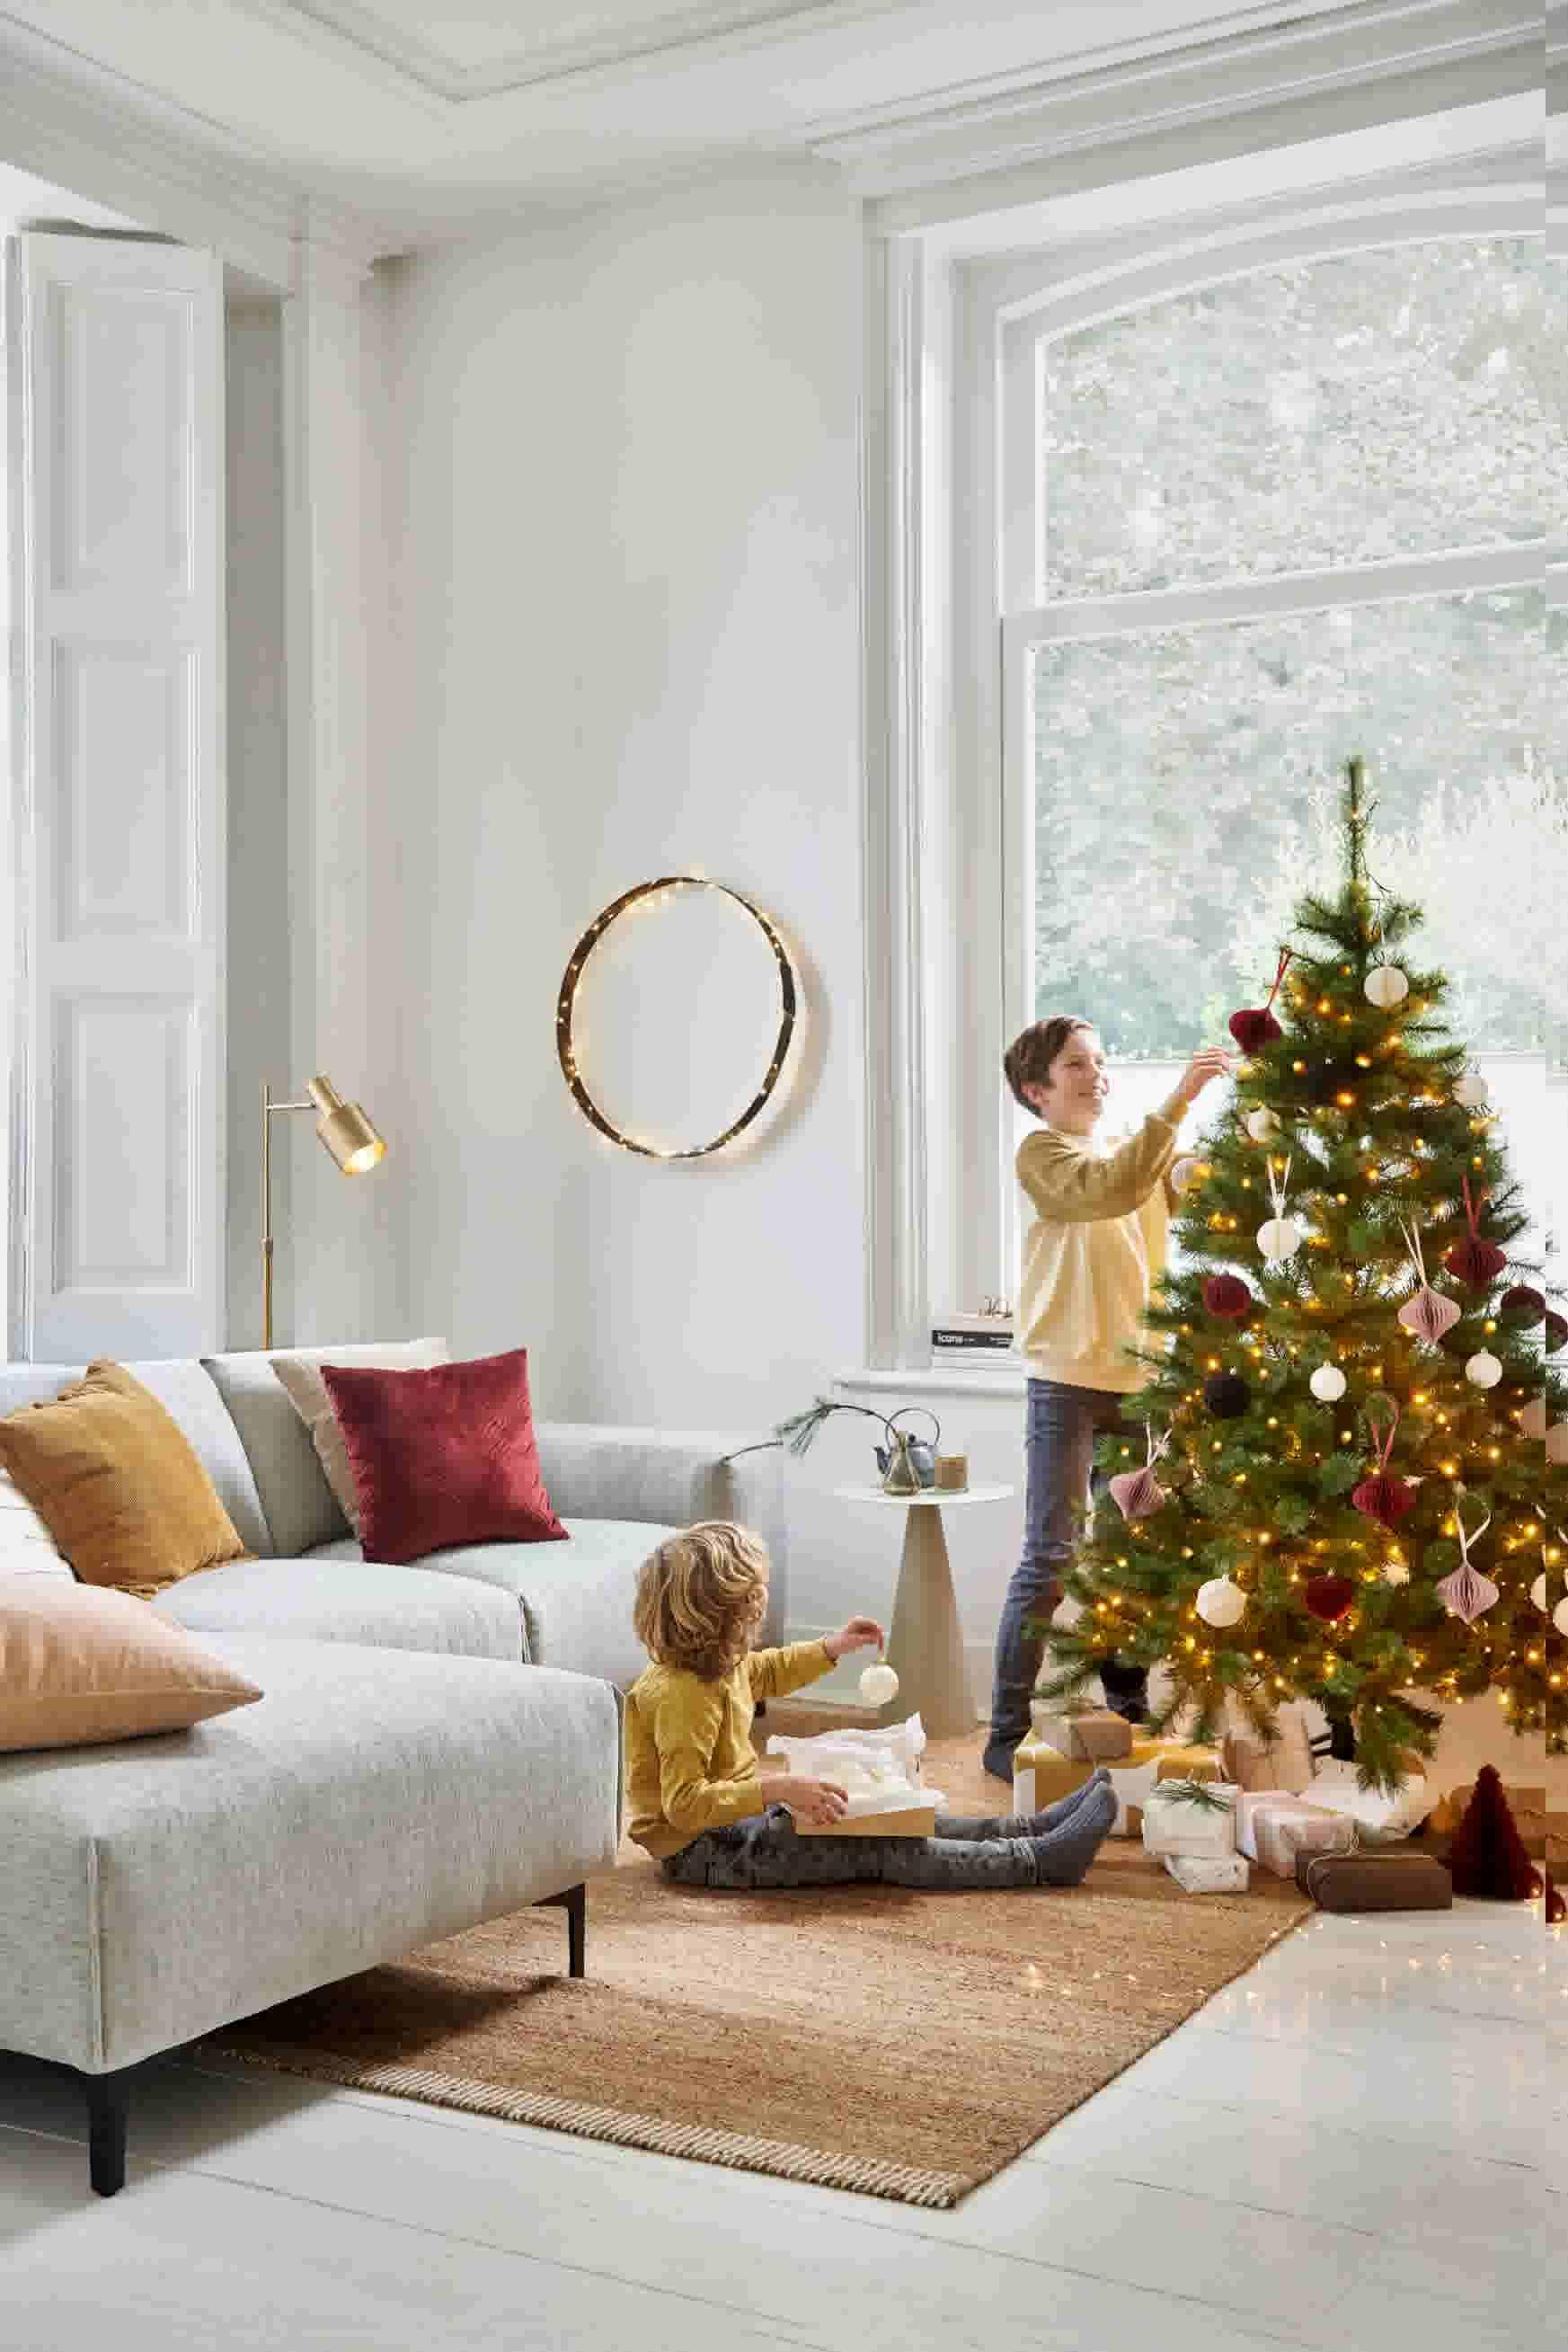 Interieur Ideeen Voor Kerst.Meer Kerst In Je Interieur 6 Stylingtips Voor Kerst In Huis Karwei